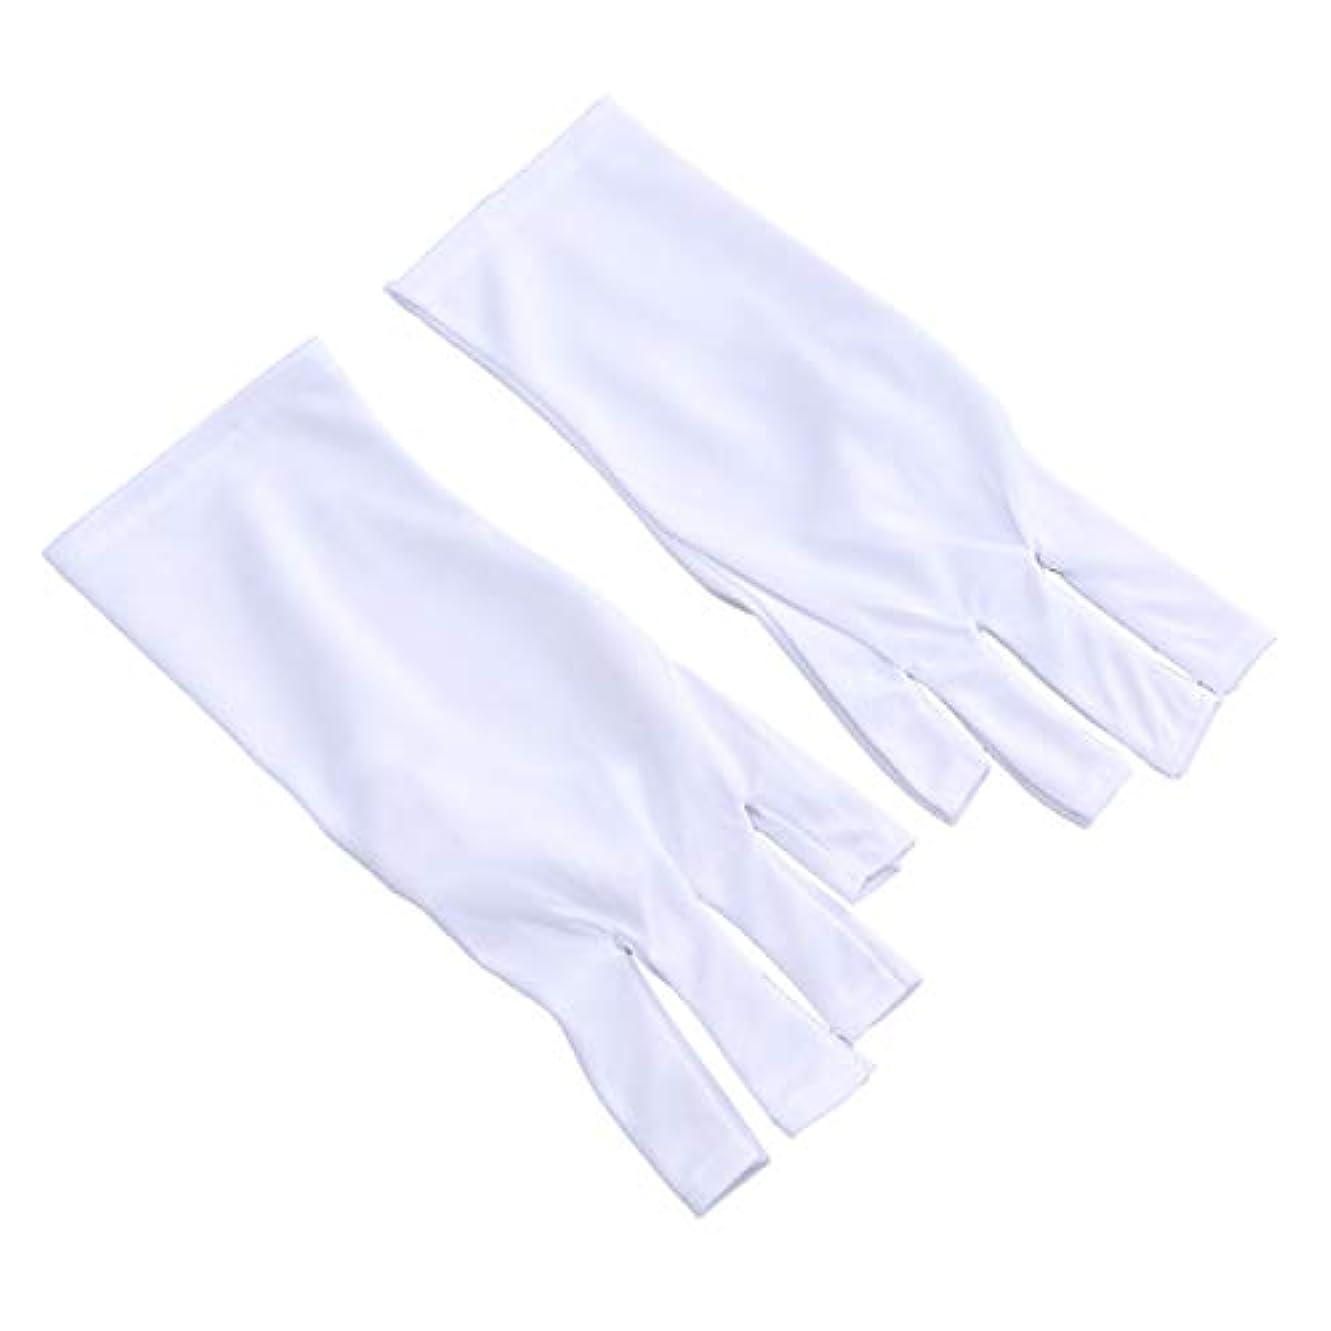 少年リードオセアニアFrcolor 抗uv手袋 ネイル 手袋 ネイルアート グローブ ジェルネイル用 紫外線防止 マニキュアドライヤーツール 2ペア(25cm ショートホワイトUVグローブ)